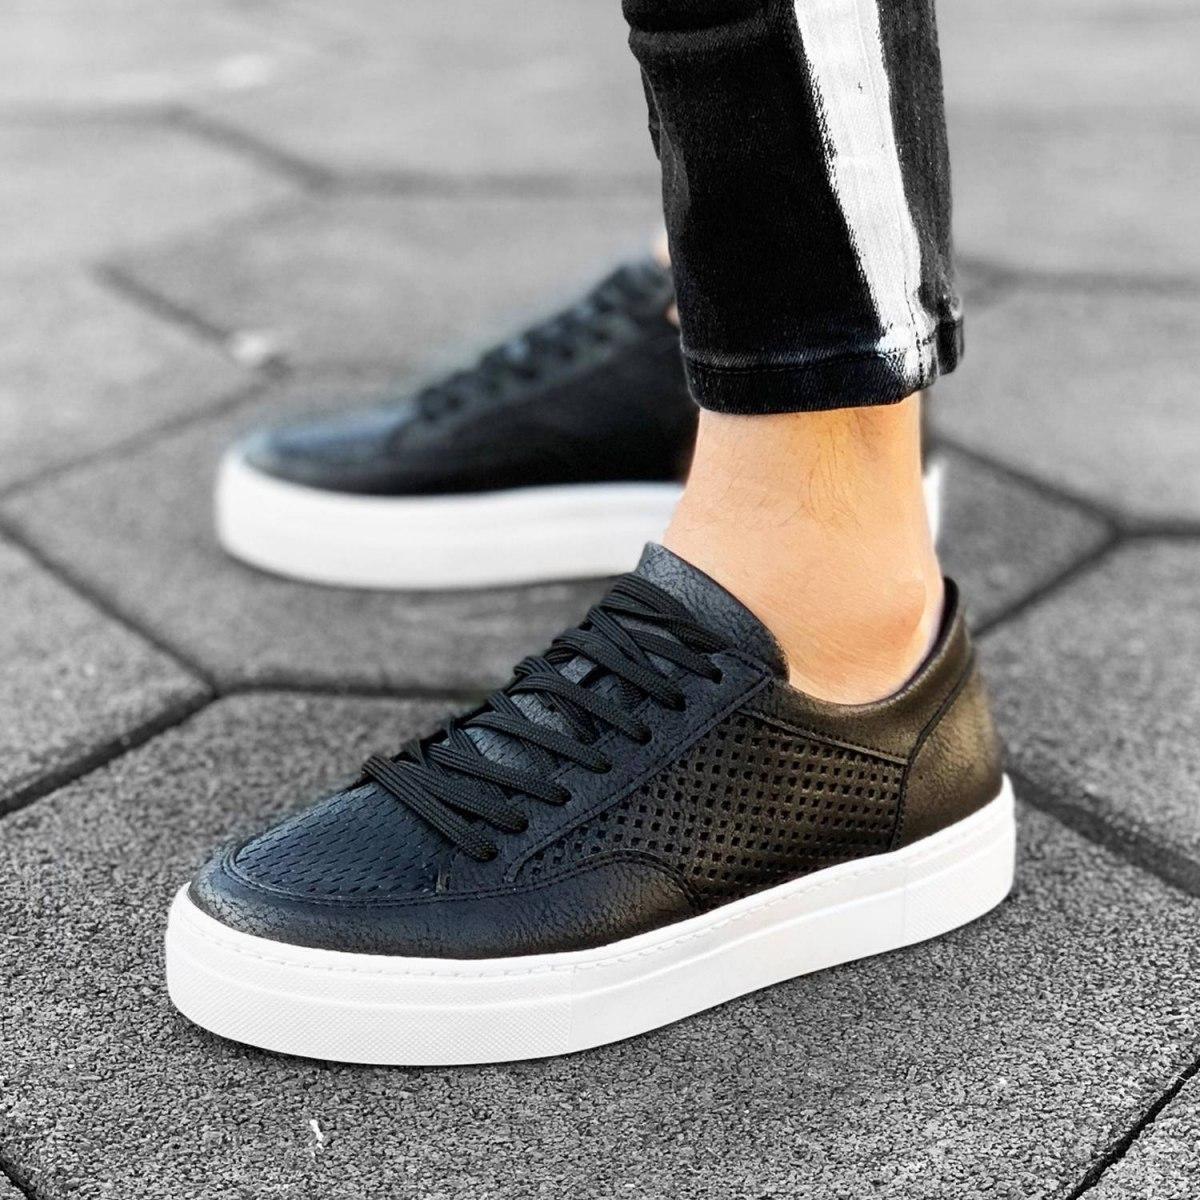 Plexus Sneakers in Black-White